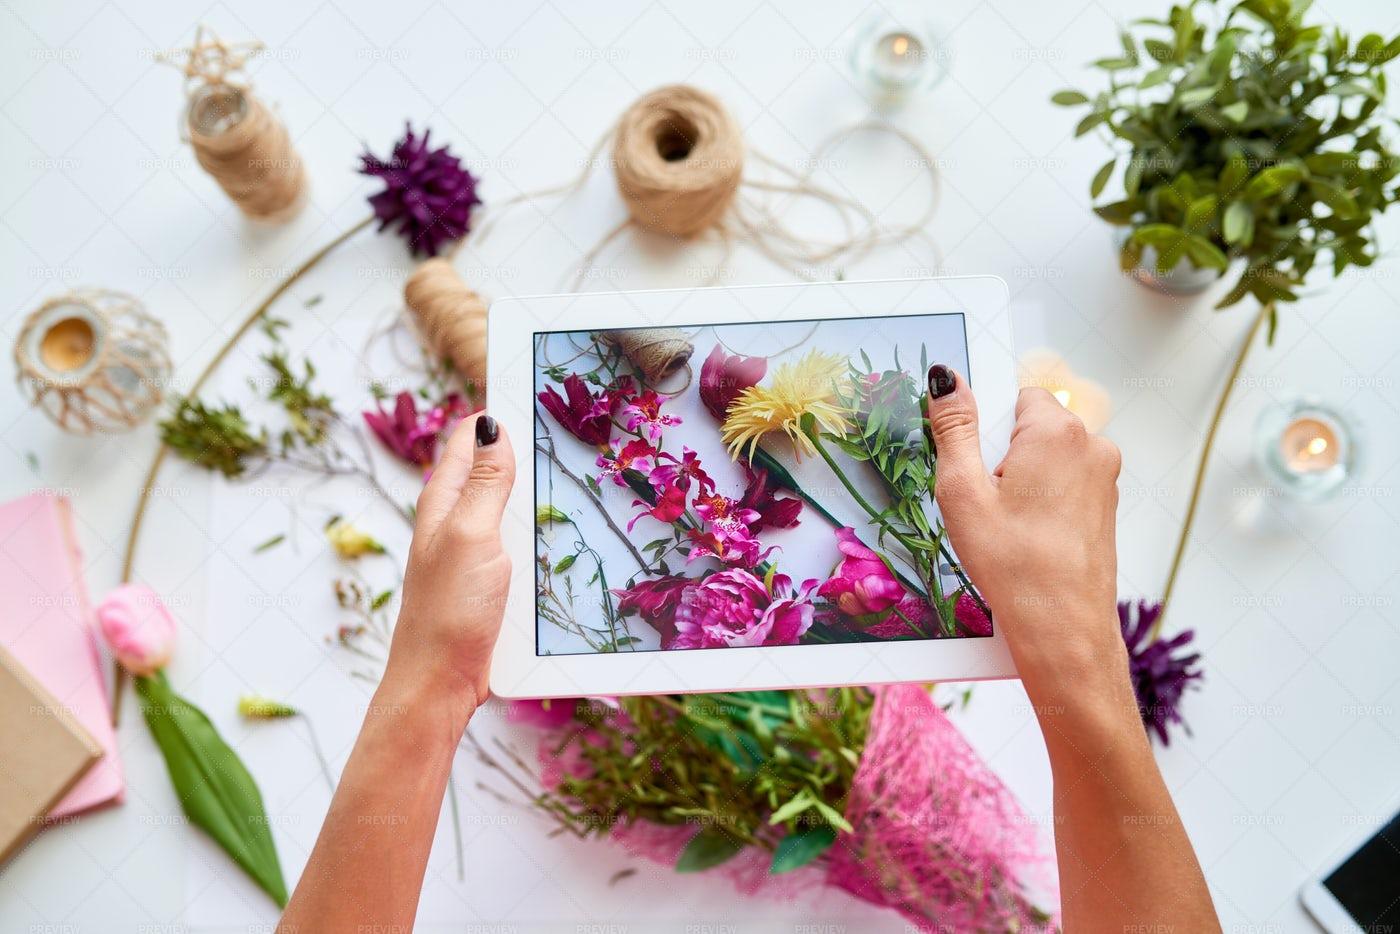 Woman Sharing DIY Craft: Stock Photos